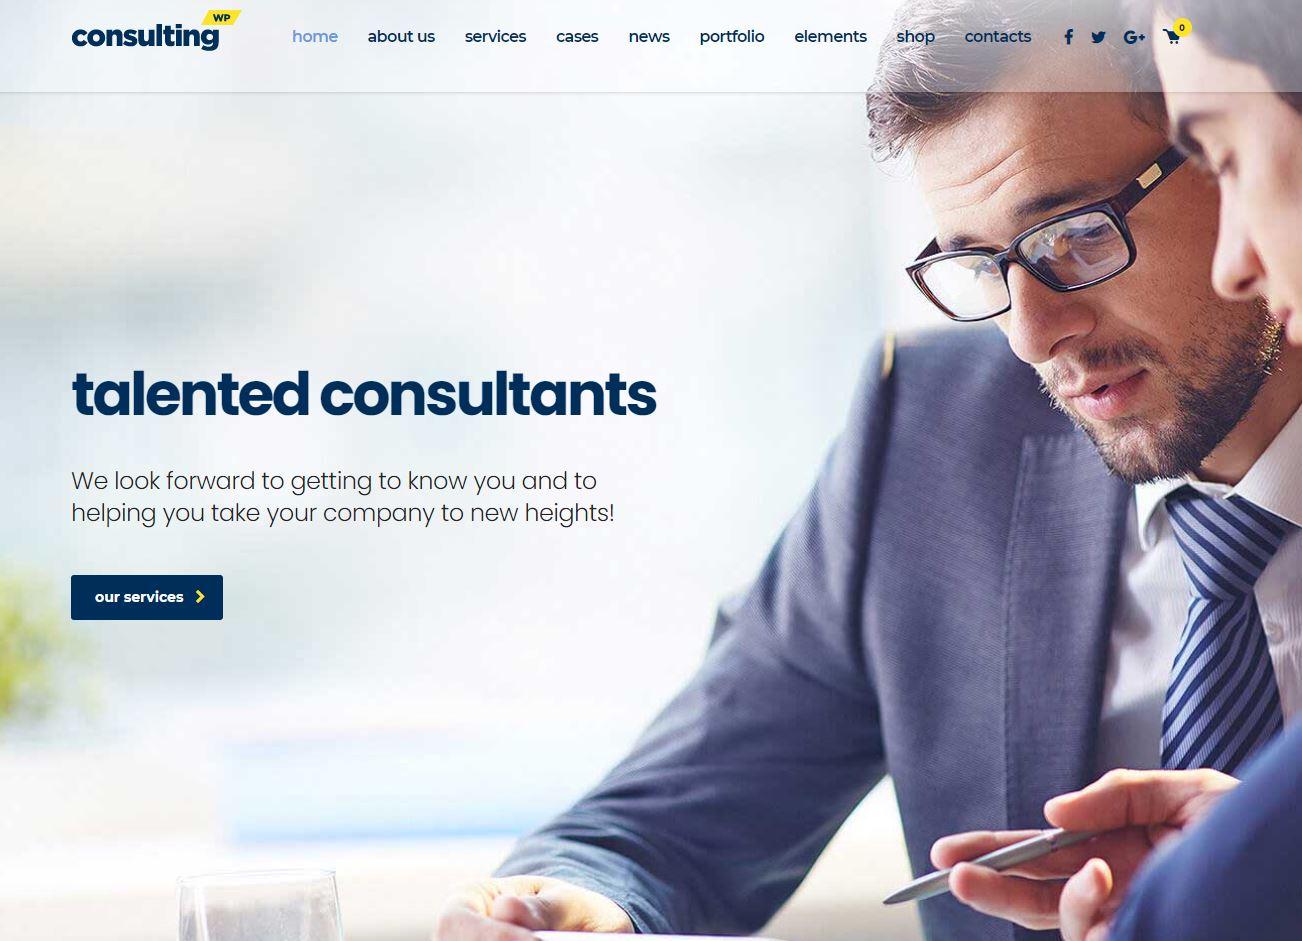 diseño web para consultores